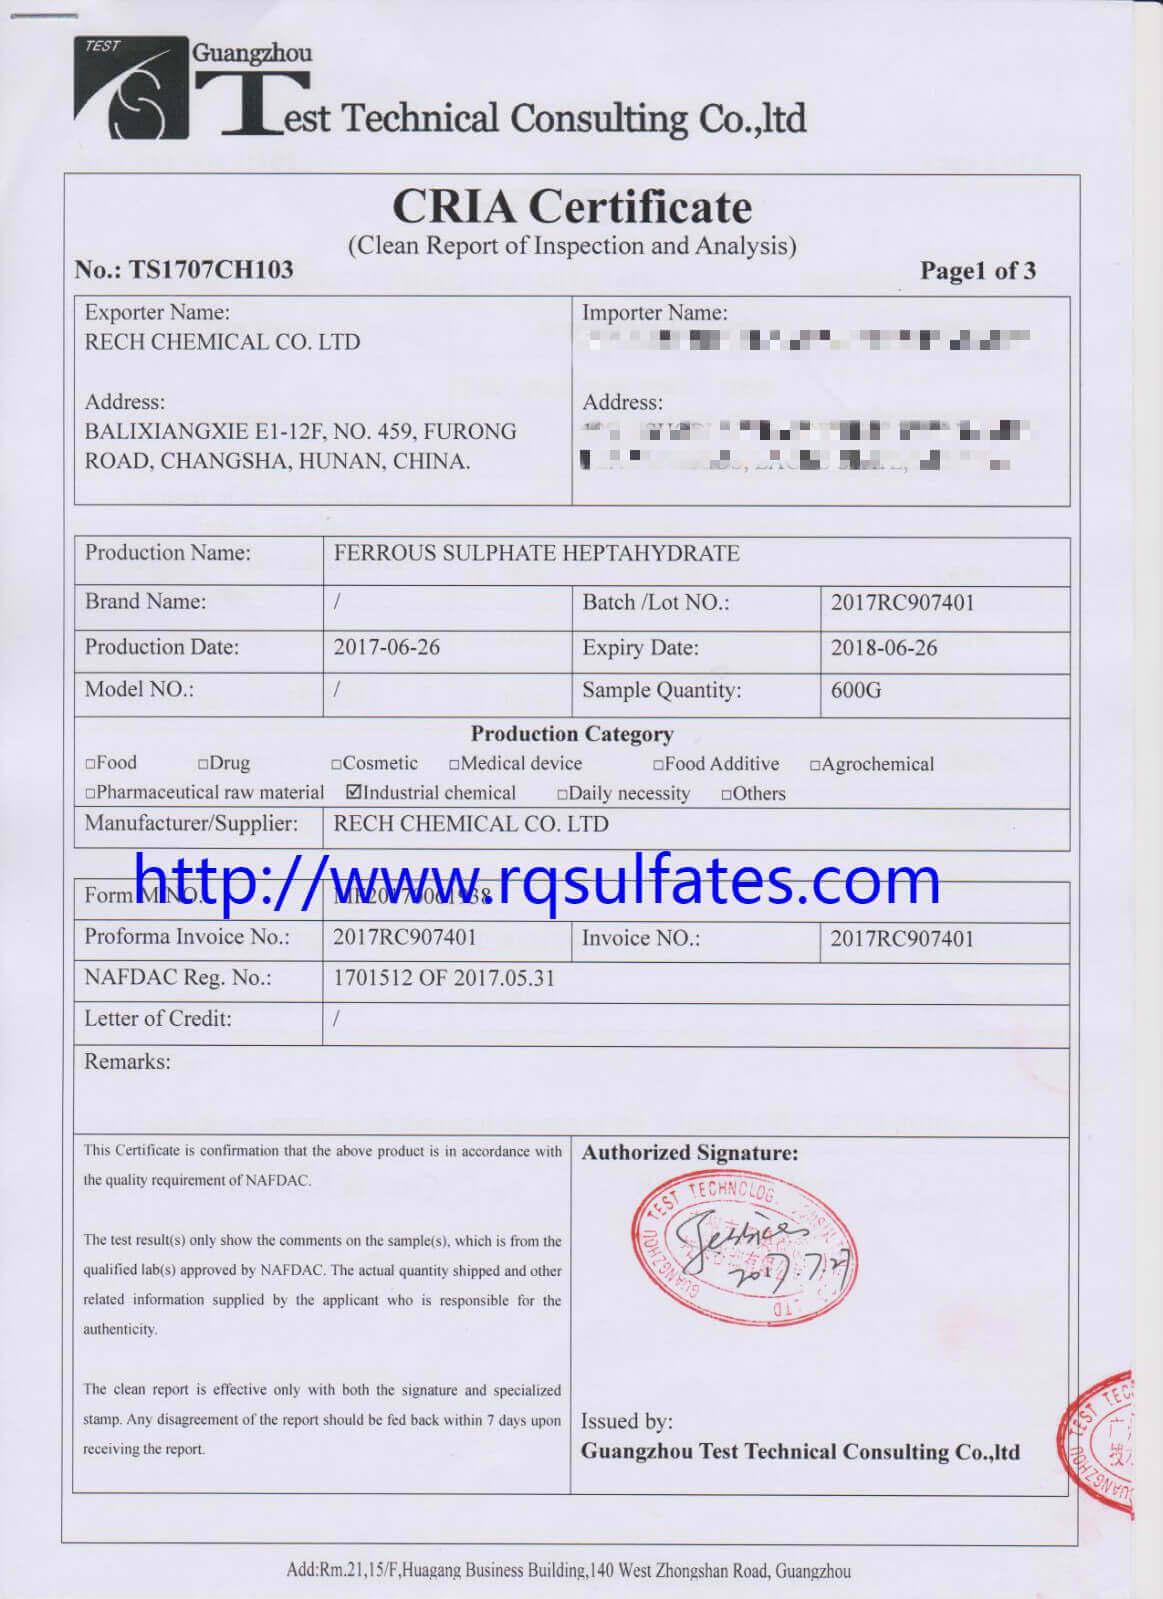 CRIA1 certificate.jpg